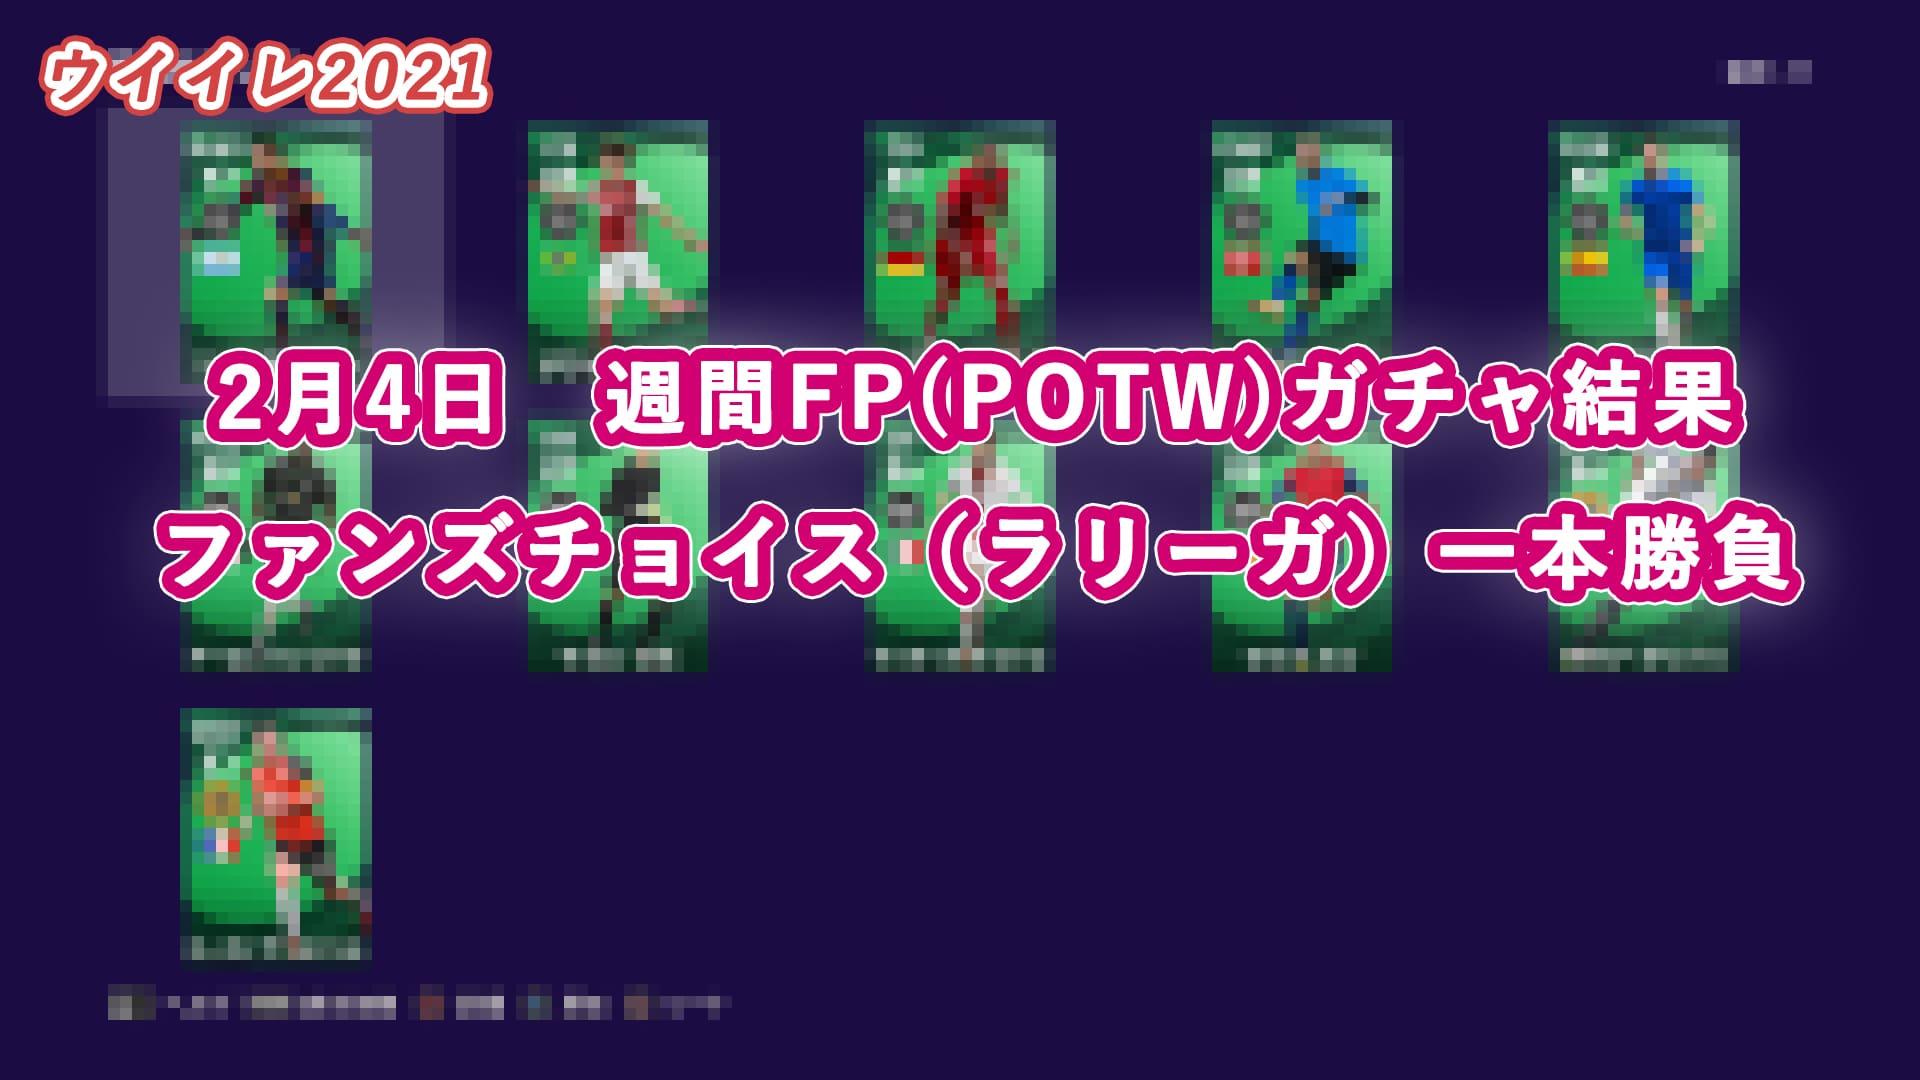 【ウイイレ2021】2/4 週間FP(POTW)ガチャ結果・ファンズチョイス(ラリーガ)1本勝負